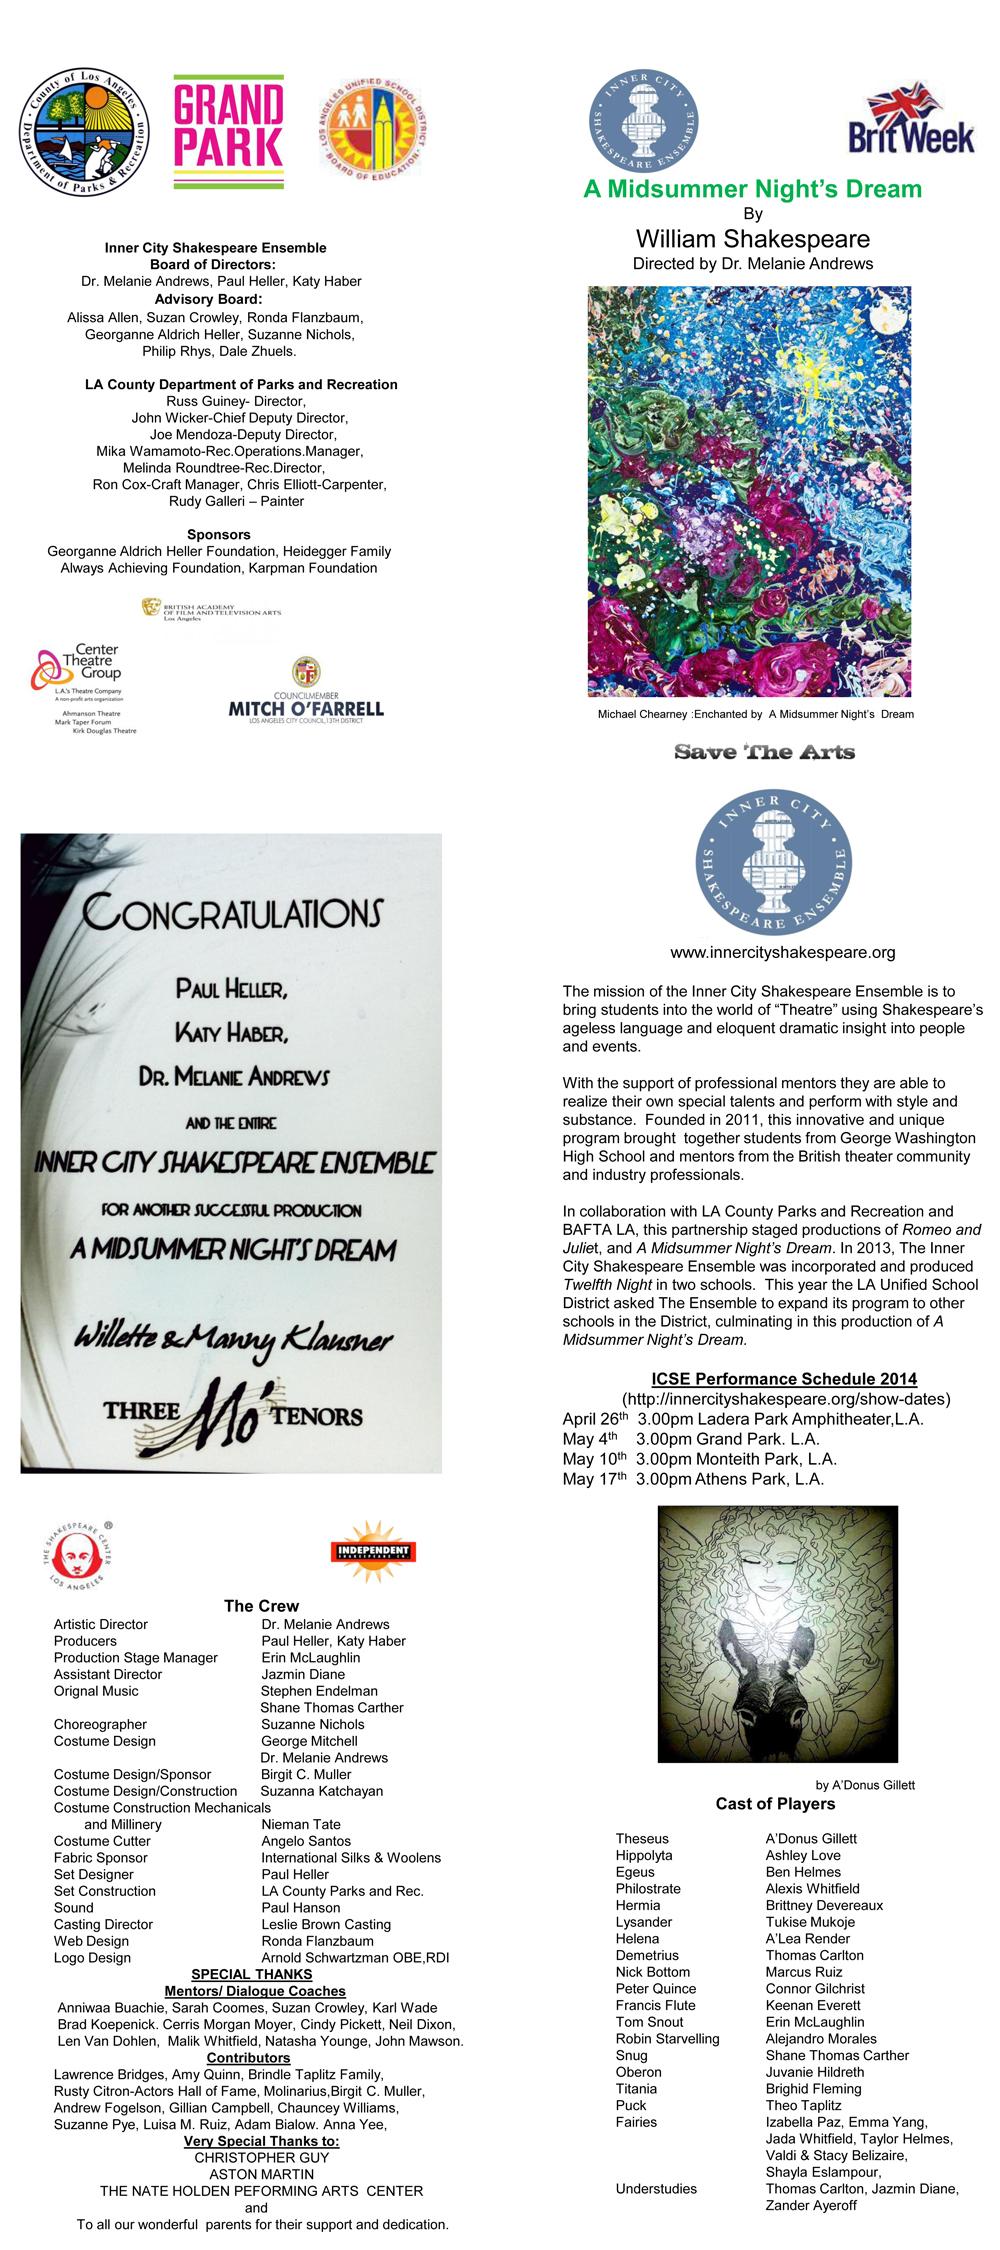 Programme - A Midsummer Night's Dream - 2014